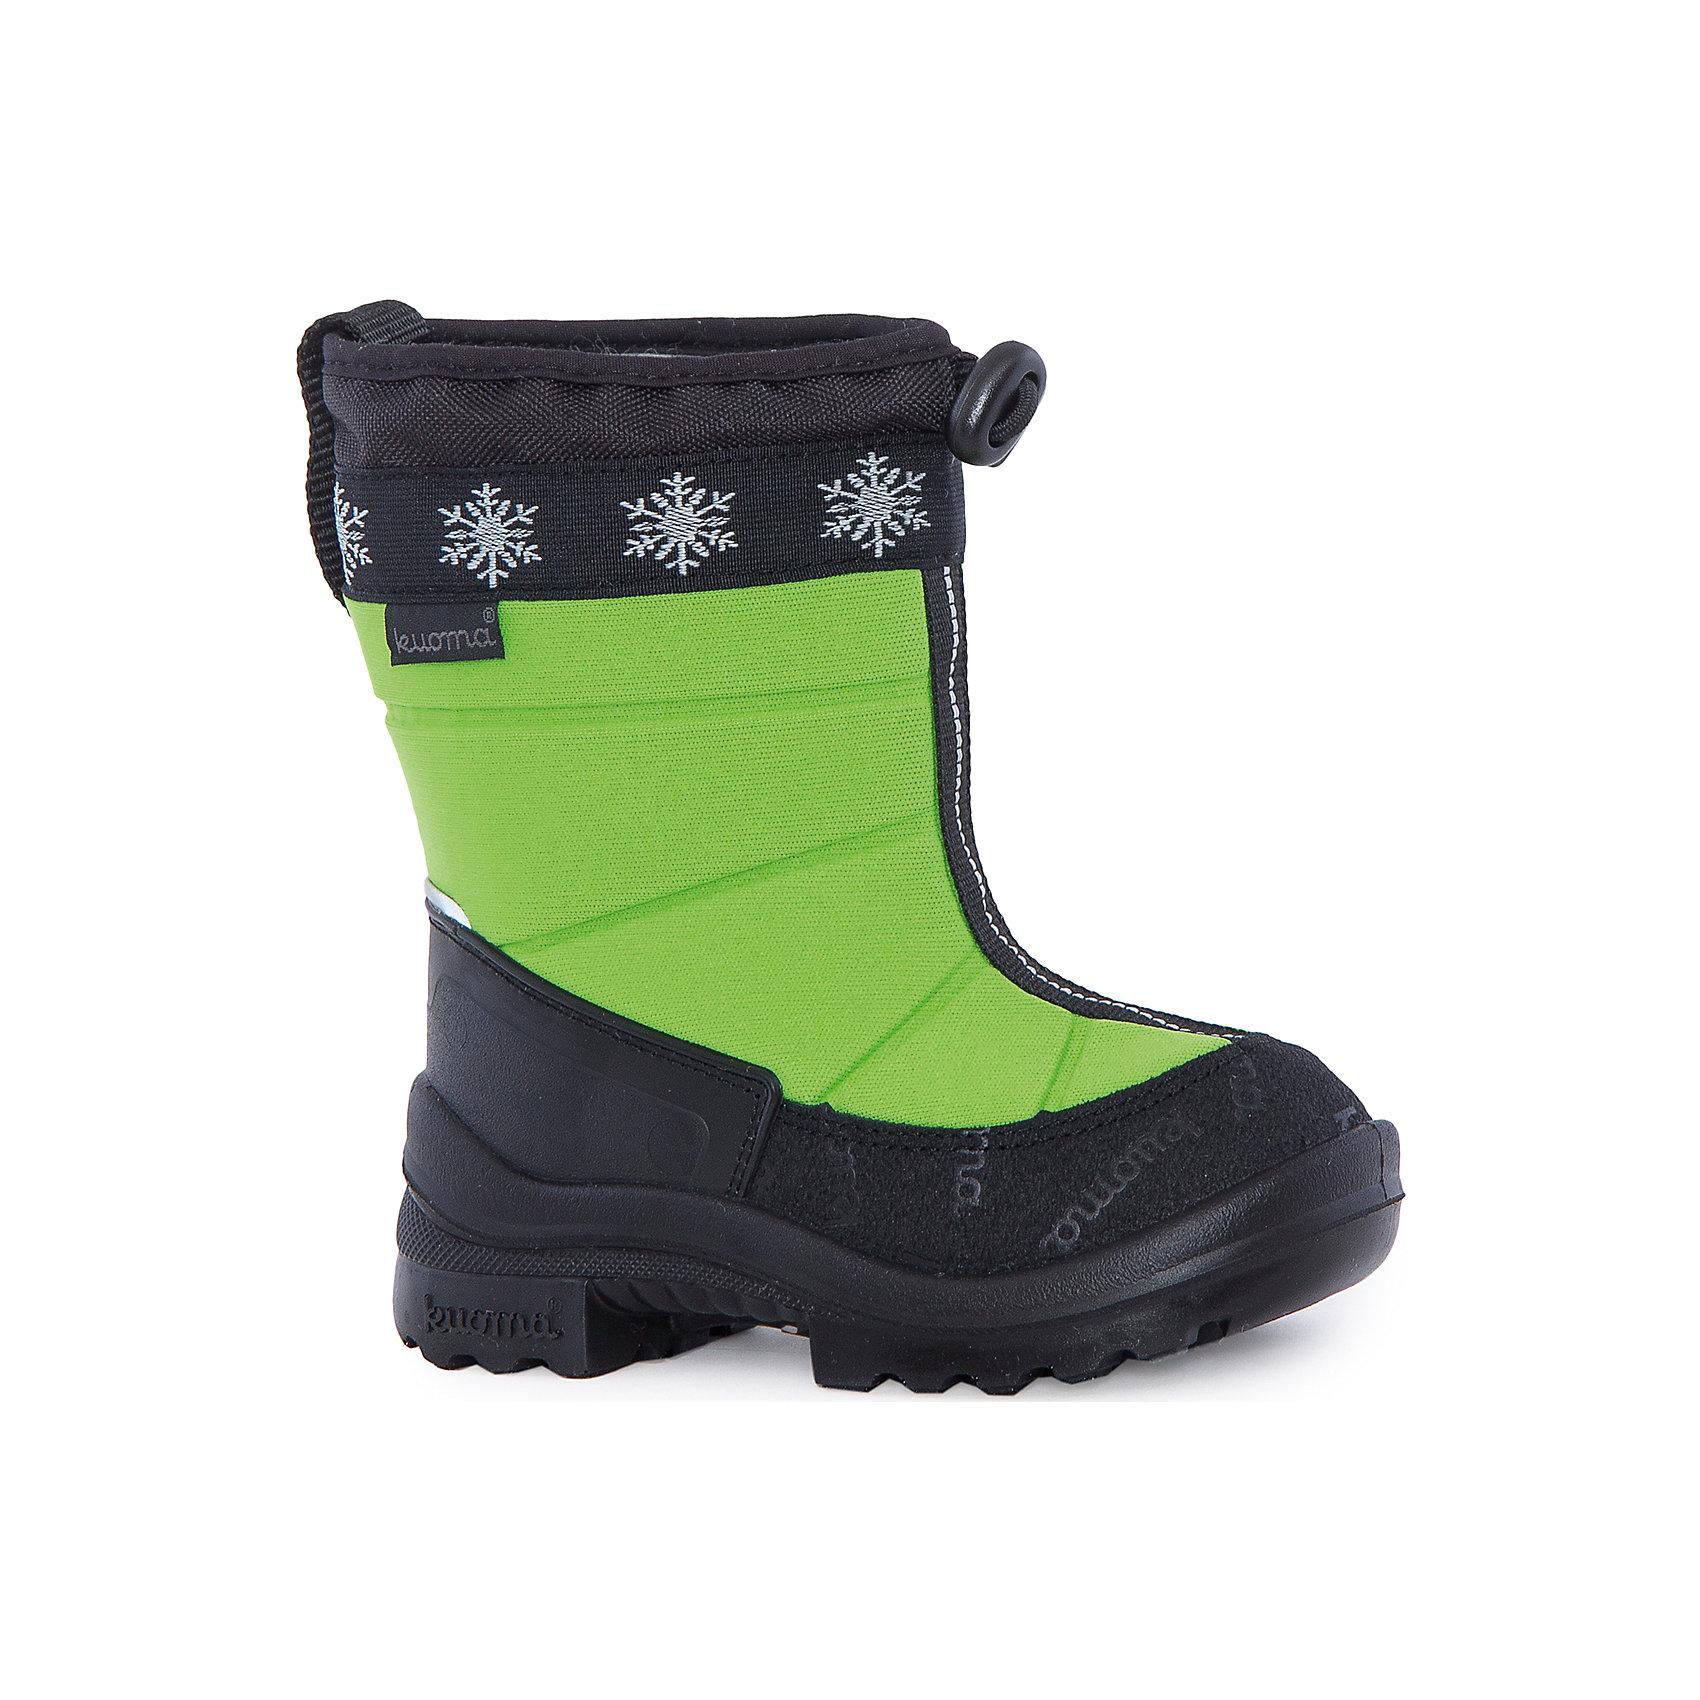 Зимние сапоги Lumi Eskimo для мальчика KUOMAХарактеристики товара:<br><br>• цвет: зеленый<br>• температурный режим: от -5° С до -30° С<br>• внешний материал: полиамид <br>• стелька: натуральная шерсть<br>• подошва: полиуретан<br>• светоотражающие детали<br>• амортизирующая износостойкая подошва<br>• сменная стелька<br>• верх  - с влагоотталкивающей обработкой<br>• страна бренда: Финляндия<br>• страна изготовитель: Финляндия<br><br>Во всех валенках Kuoma до 26 размера включительно утеплитель – натуральная шерсть, начиная с 27 размера – искусственный мех.<br><br>Стильные сапожки для ребенка от известного бренда детской обуви KUOMA (Куома) созданы специально для холодной погоды. Качественные материалы с пропиткой против грязи и воды и модный дизайн понравятся и малышам и их родителям. Подошва и стелька обеспечат ребенку комфорт, сухость и тепло, позволяя в полной мере наслаждаться зимним отдыхом. Усиленная защита пятки и носка обеспечивает дополнительную безопасность детских ног в этих сапожках.<br>Эта красивая и удобная обувь прослужит долго благодаря известному качеству финских товаров. Производитель предусмотрел даже светоотражающие детали и амортизирующие свойства подошвы! Модель производится из качественных и проверенных материалов, которые безопасны для детей.<br><br>Зимние сапоги Lumi Eskimo для мальчика от бренда KUOMA (Куома) можно купить в нашем интернет-магазине.<br><br>Ширина мм: 257<br>Глубина мм: 180<br>Высота мм: 130<br>Вес г: 420<br>Цвет: зеленый<br>Возраст от месяцев: 24<br>Возраст до месяцев: 24<br>Пол: Мужской<br>Возраст: Детский<br>Размер: 25,22,29,27,28,26,30,31,23,24<br>SKU: 4915748